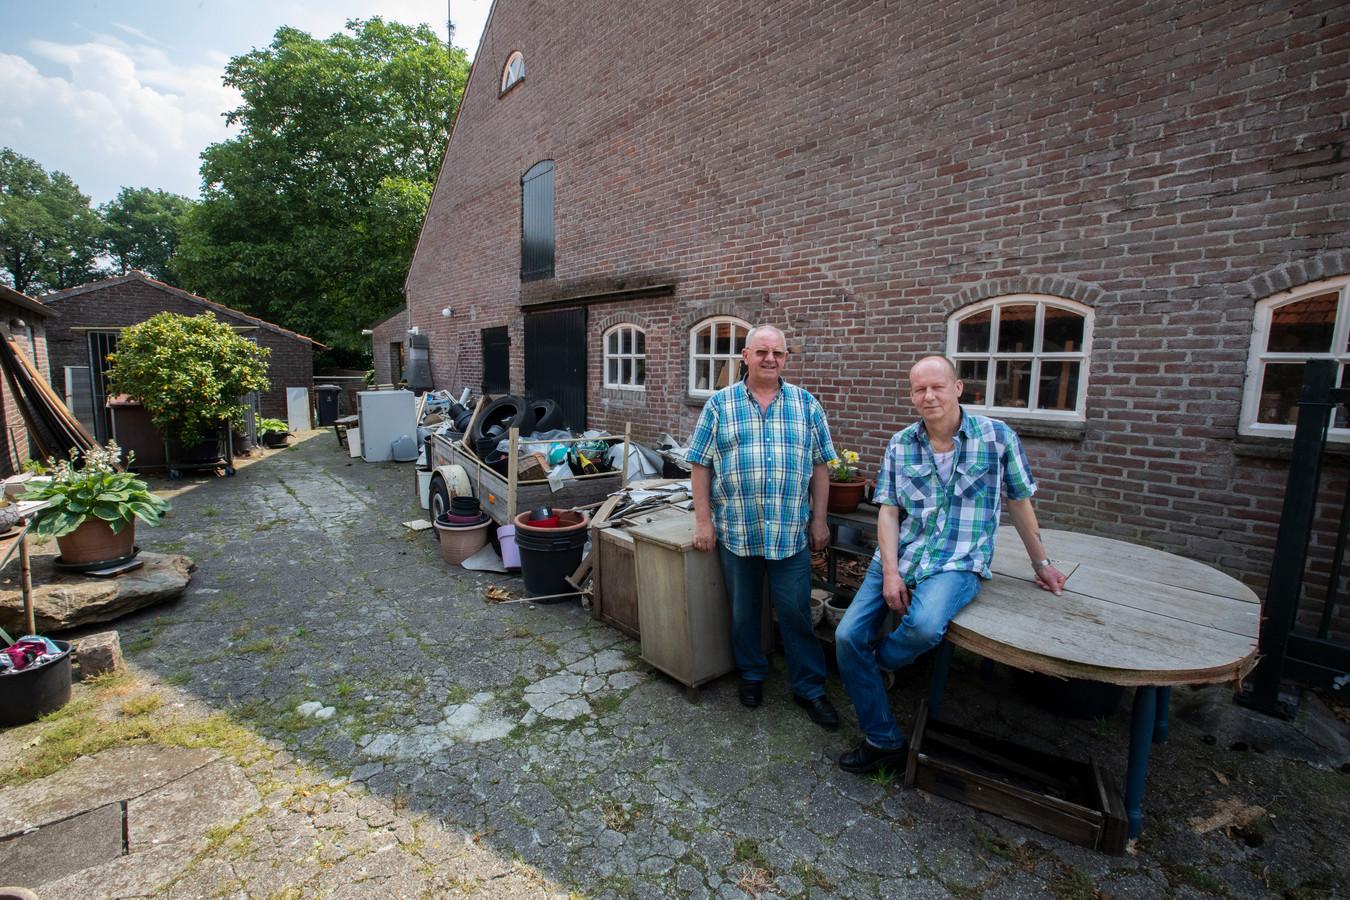 Huurders Jan van de Vijver (l) en Wim Vaes bij de boerderij die ze huren van een Deurnese nertsenhouder.